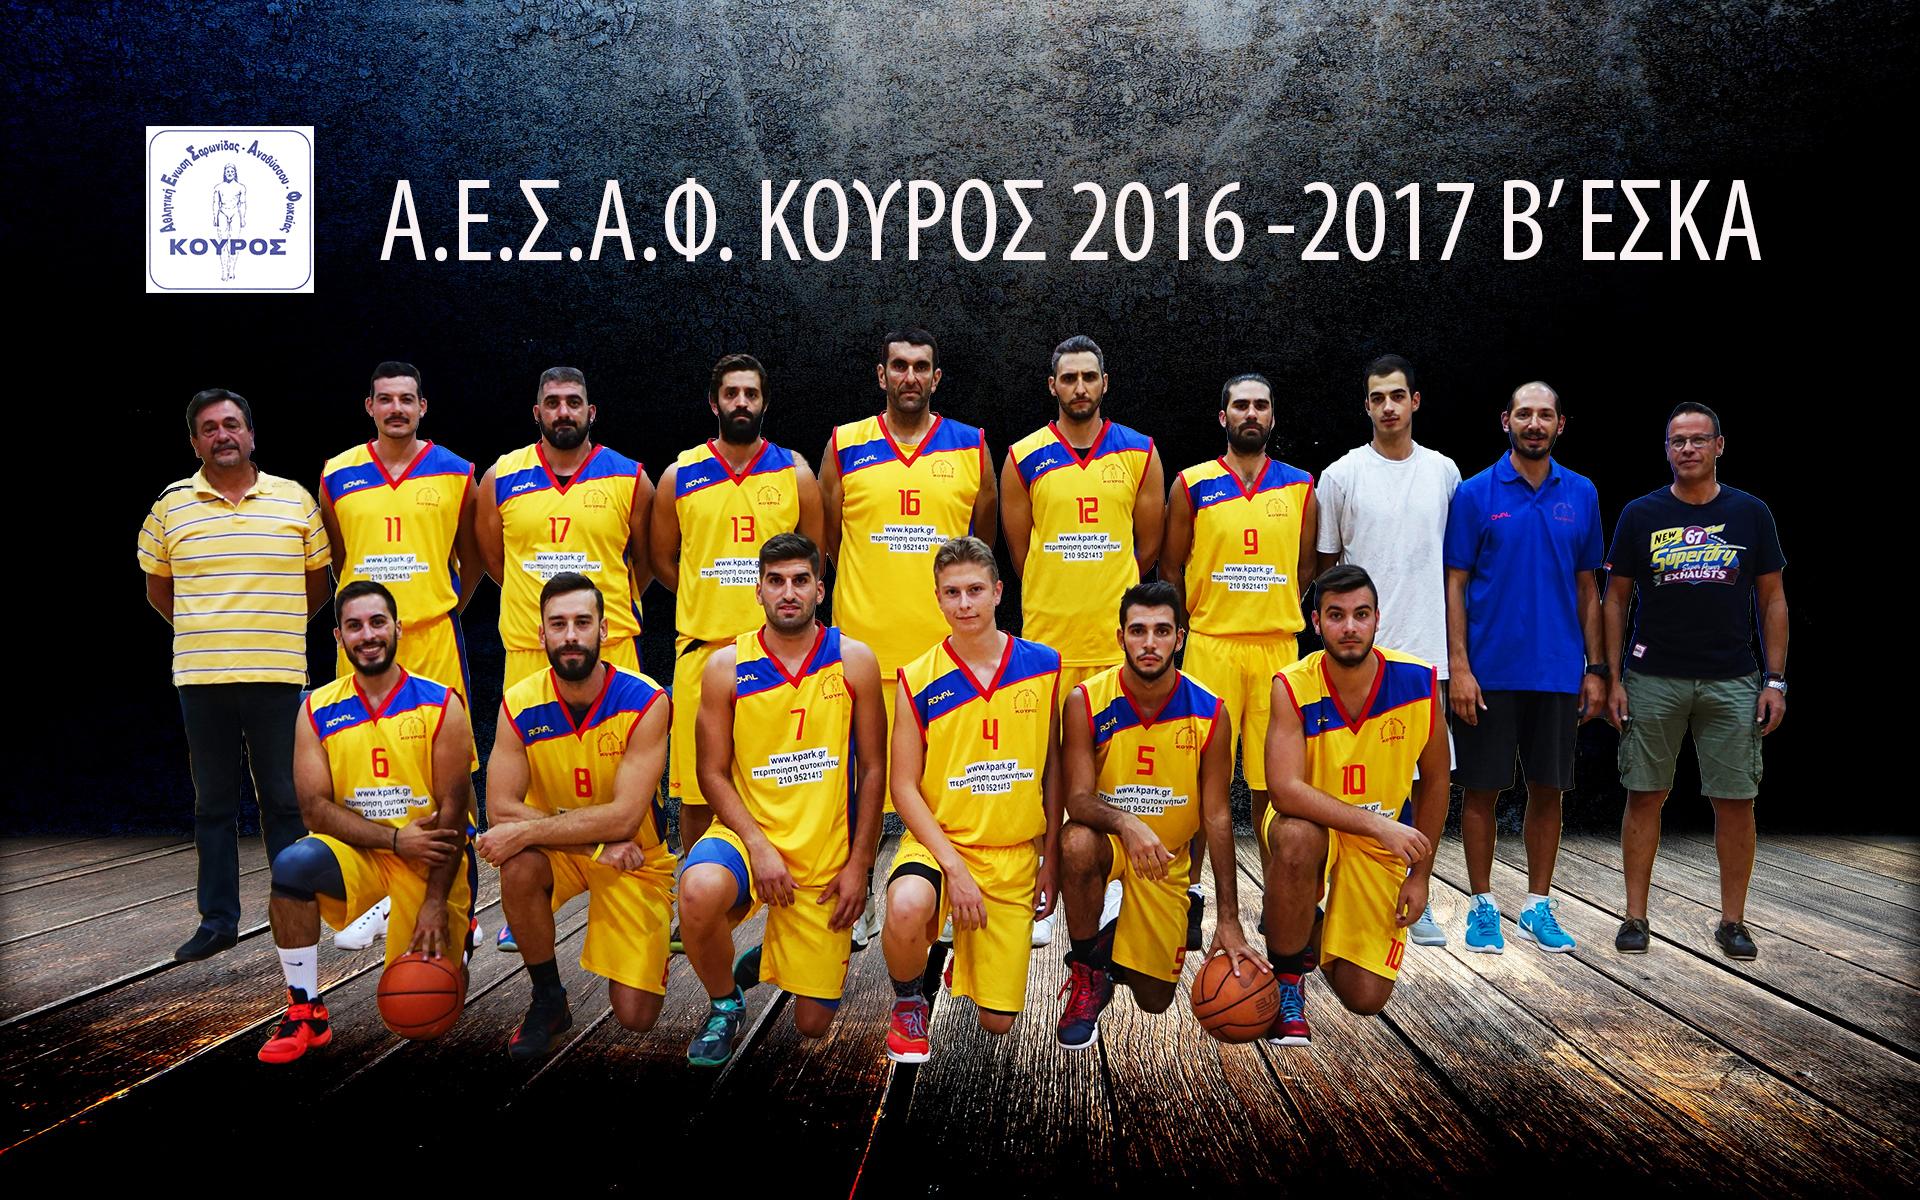 Ανακοίνωση του τμήματος μπάσκετ της ΑΕΣΑΦ Κούρος